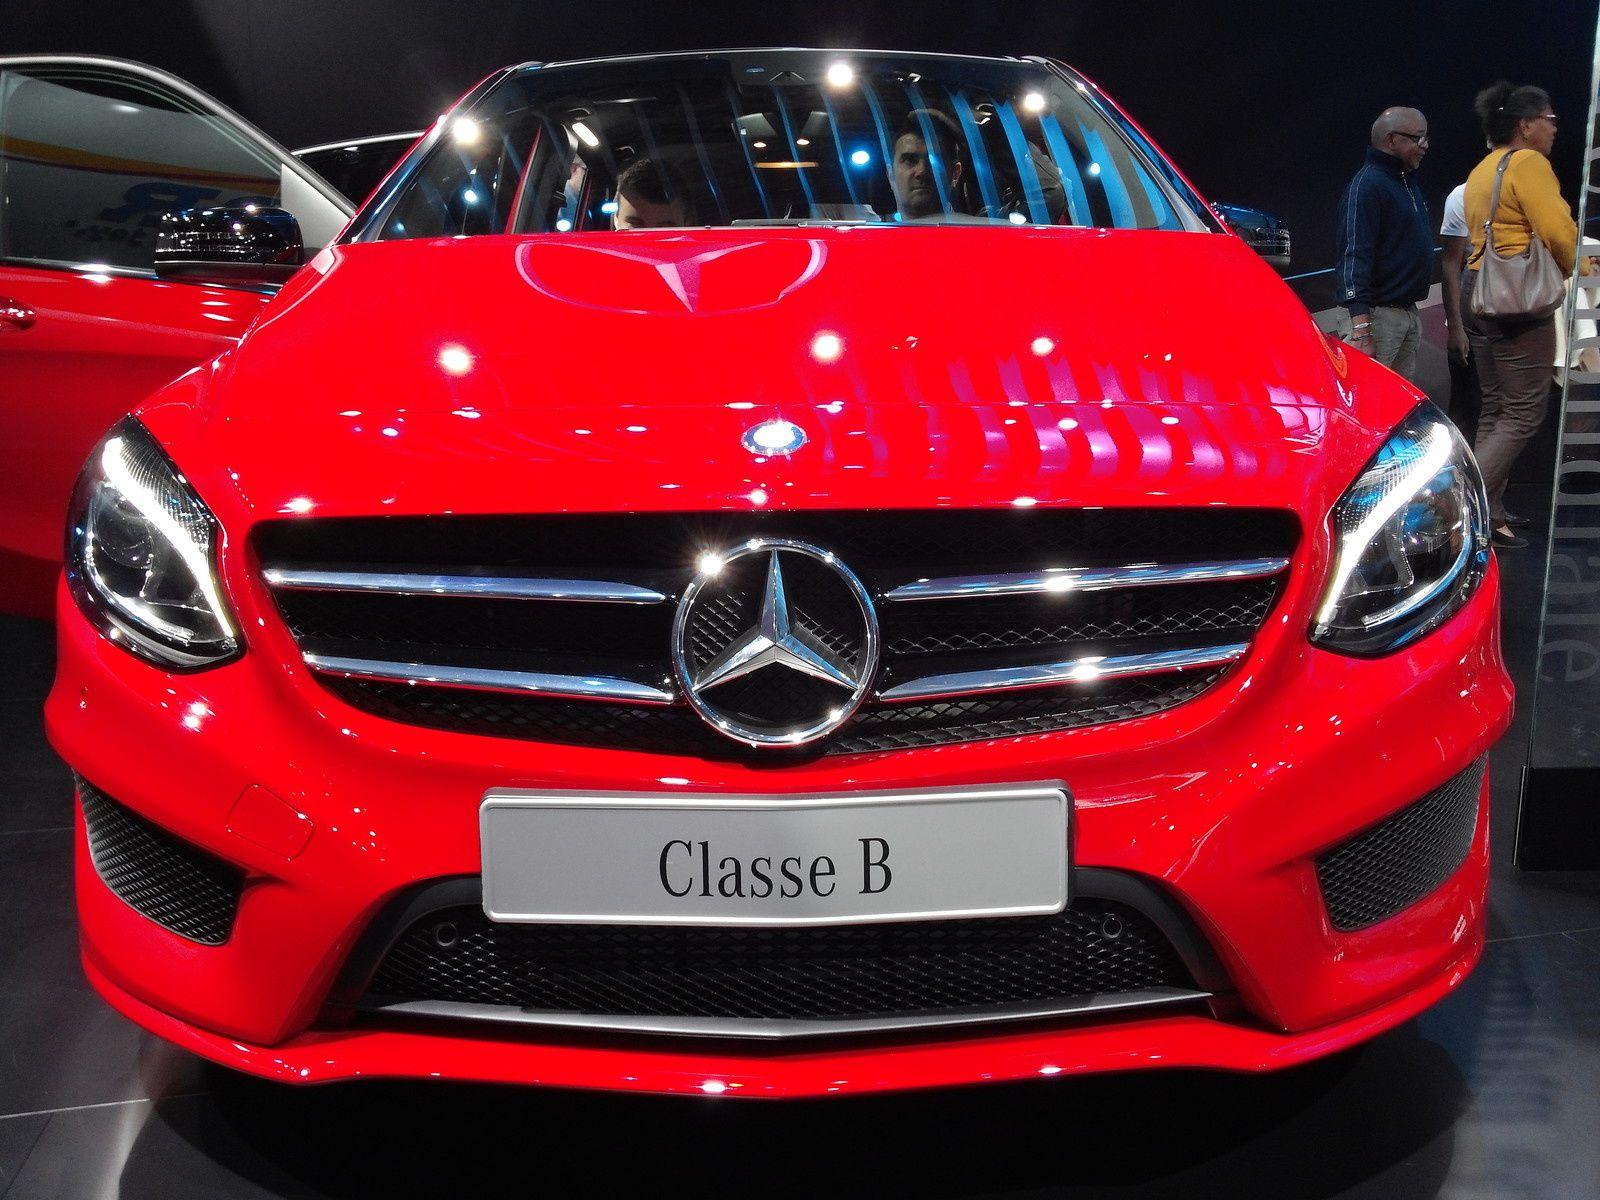 Visite au Mondial de l'automobile 2014 - Paris (porte de Versailles)